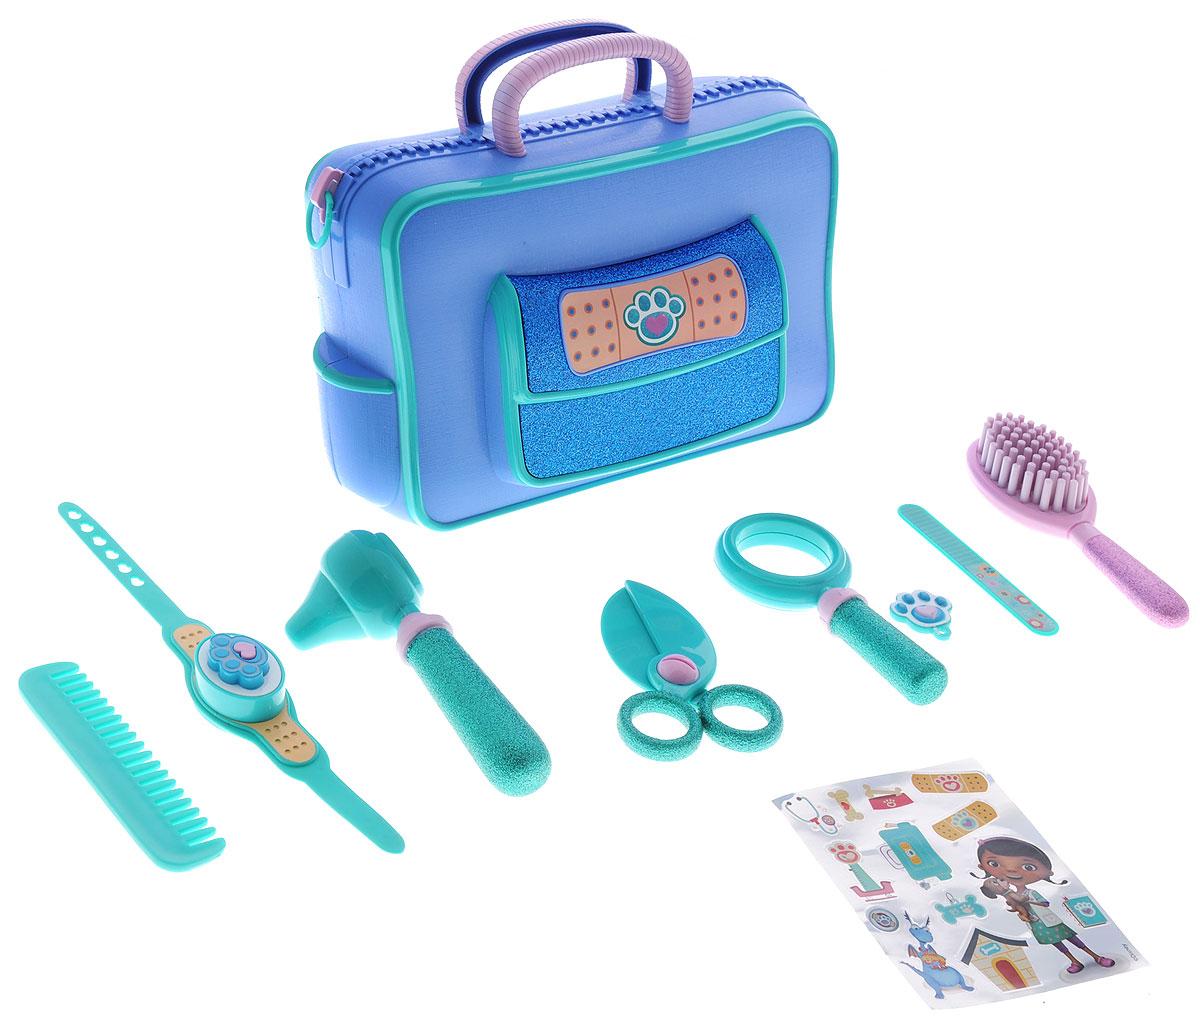 Доктор Плюшева Игровой набор Чемоданчик ветеринара гратвест игровой набор гратвест сачок и банка коллектора с приспособлениями